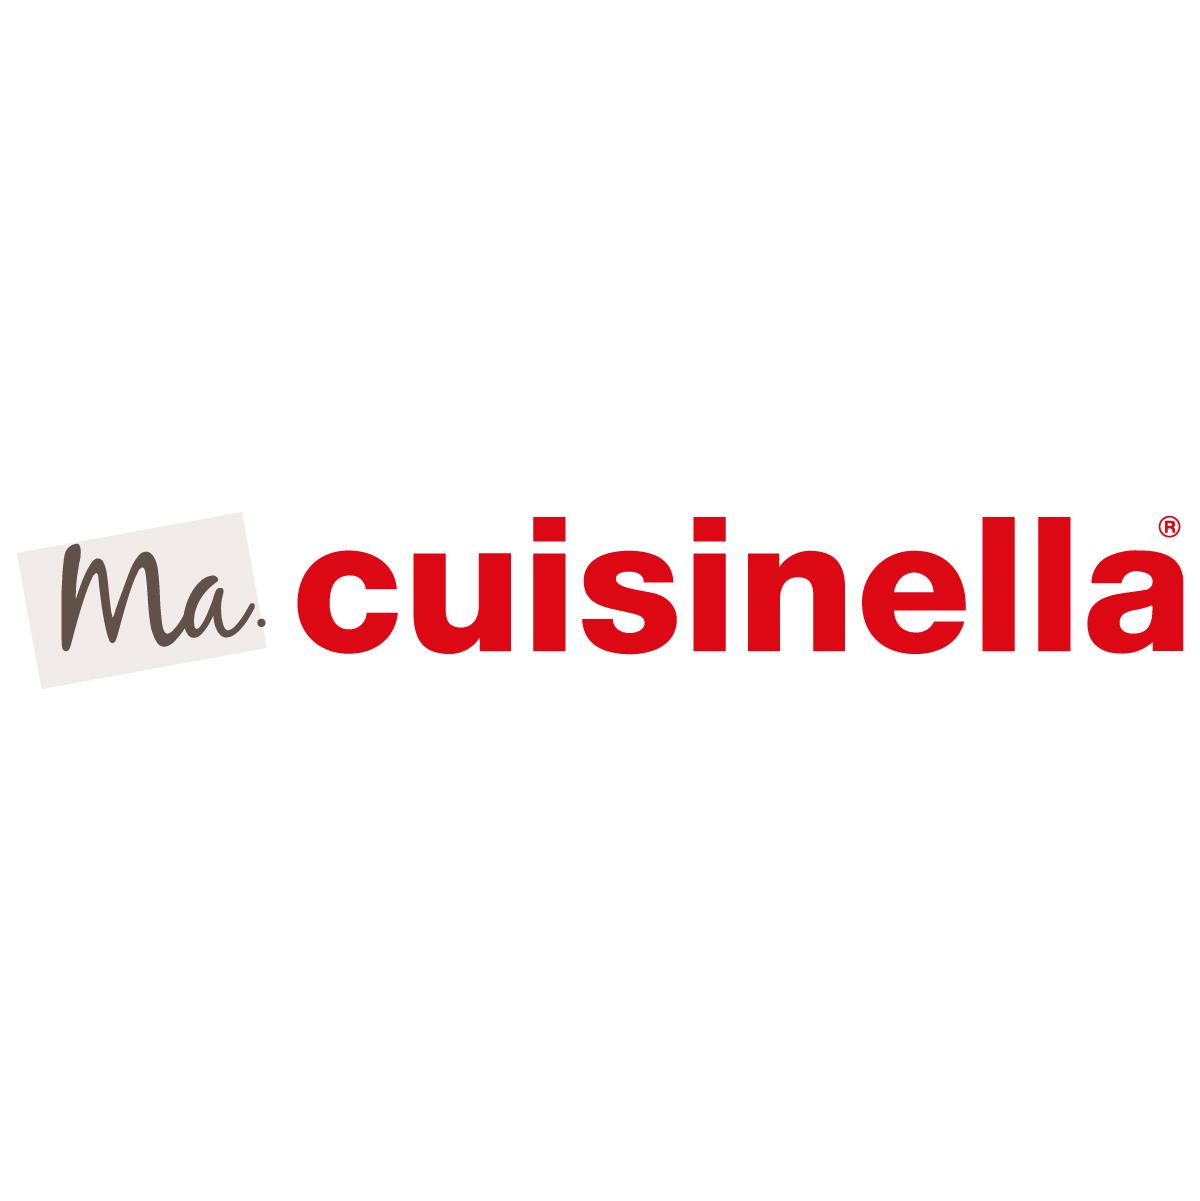 Www Cuisinella Satisfaction Com plus que pro